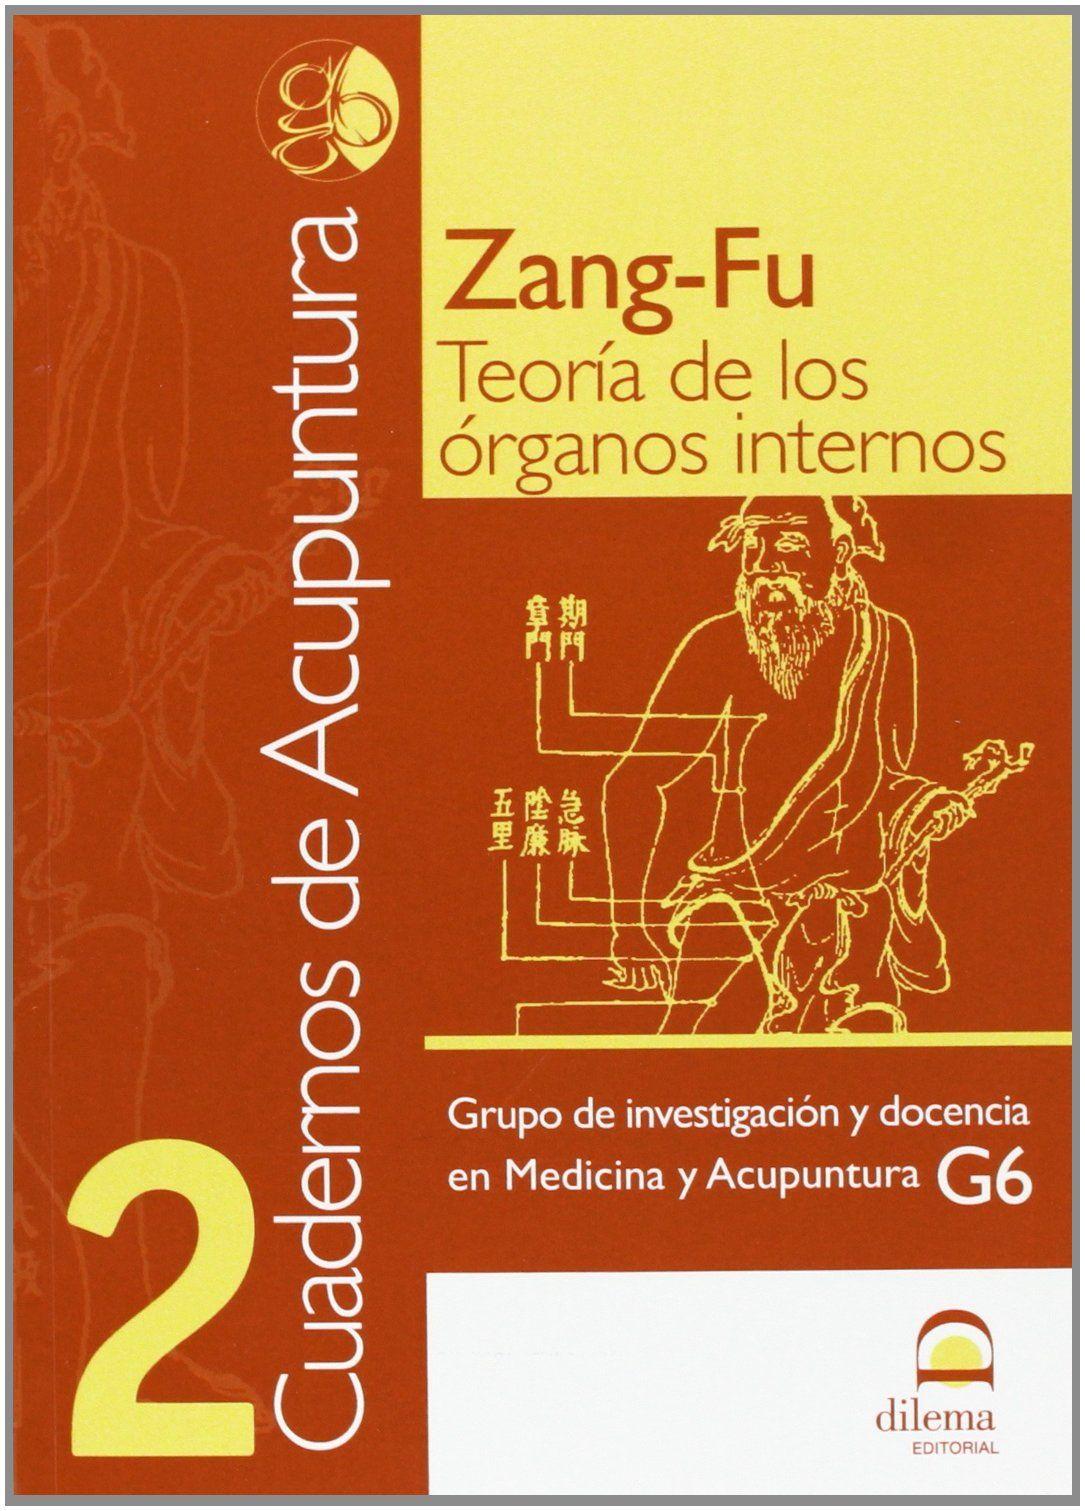 Cuaderno que desarrolla la teoría de los Zang Fu (órganos internos ...